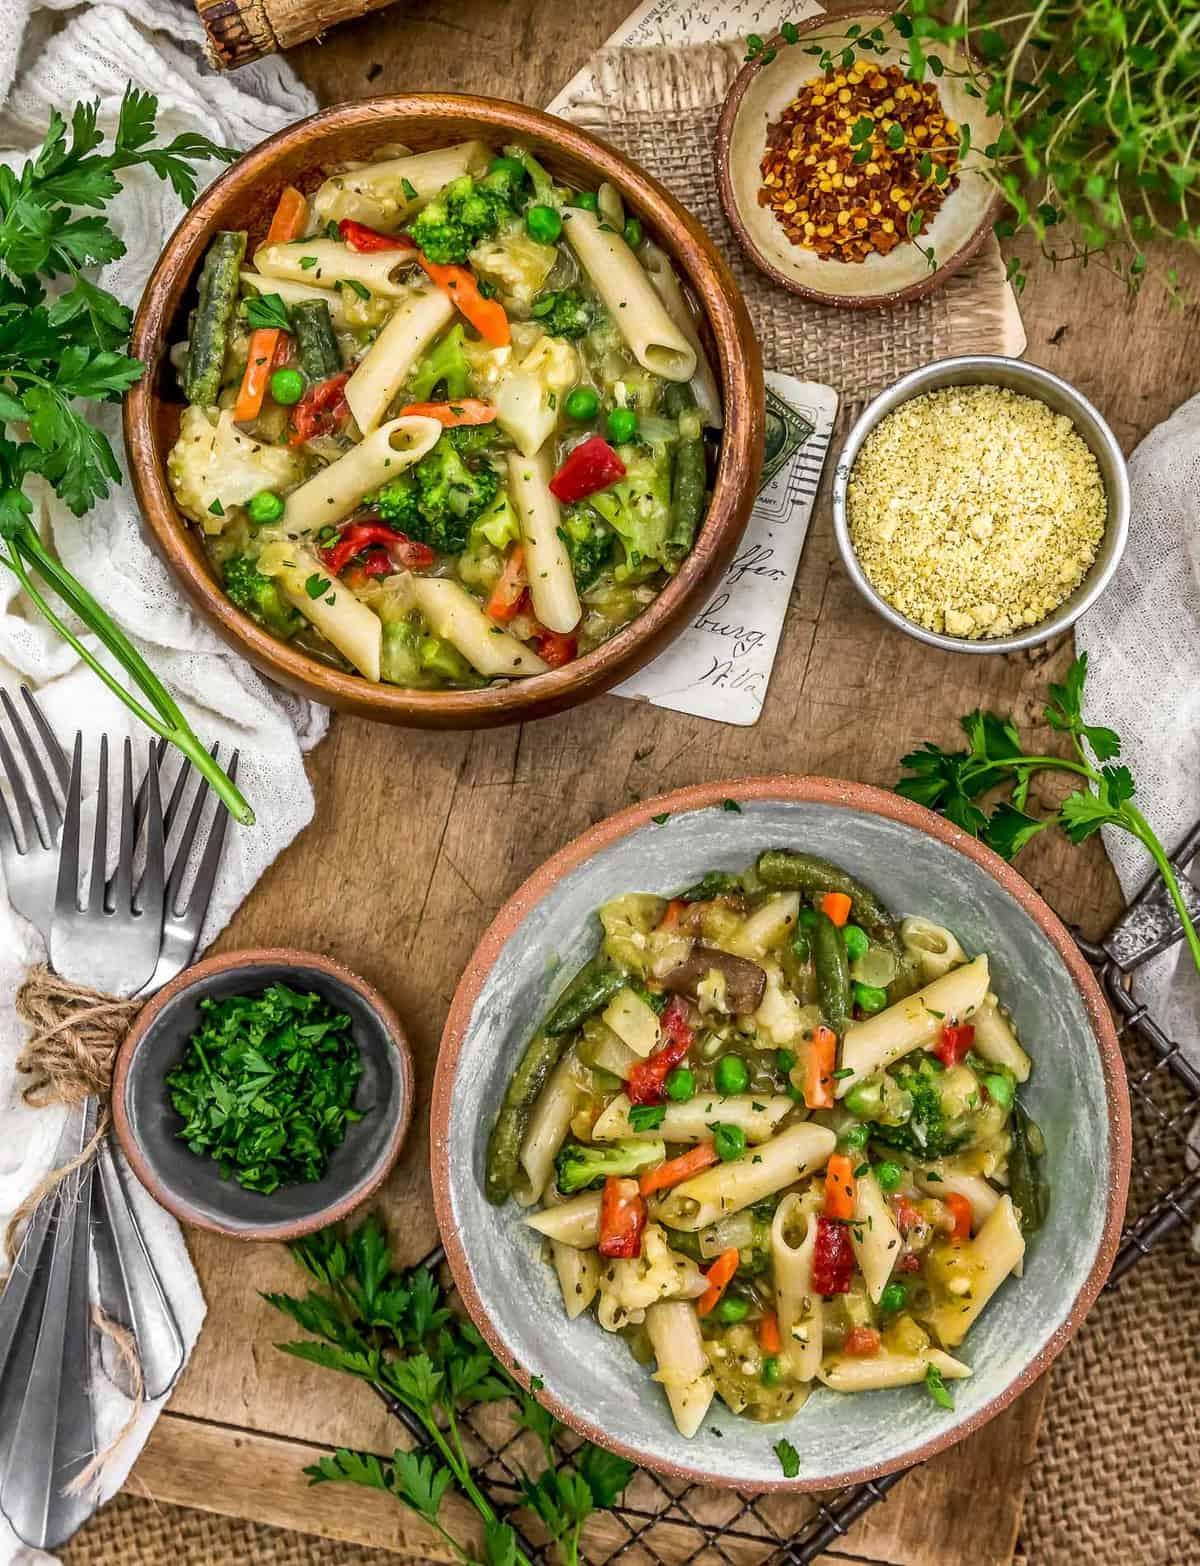 Tablescape of Pasta Primavera